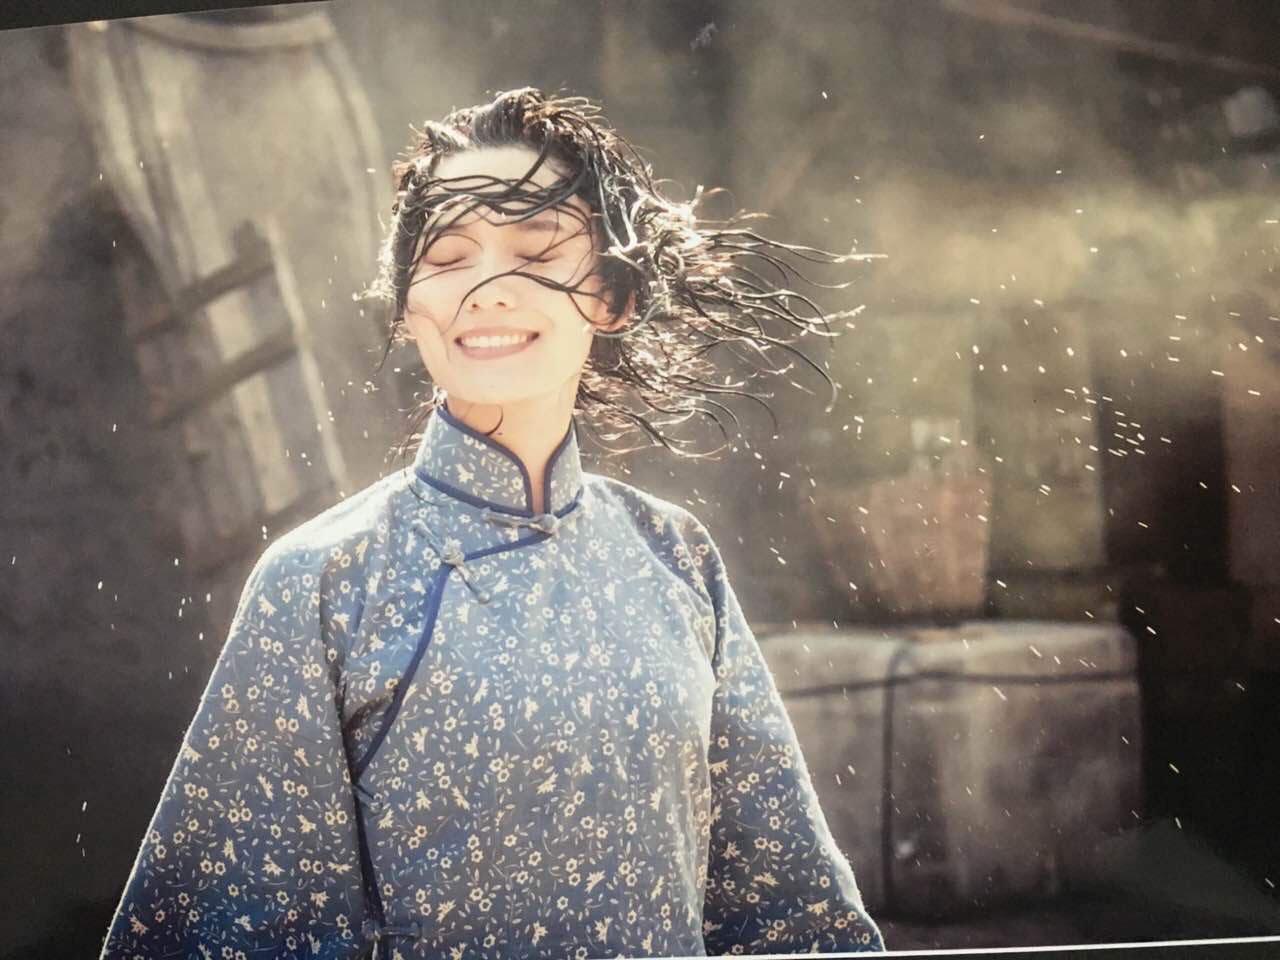 《剃刀边缘》再播 林源饰九儿令人记忆犹新